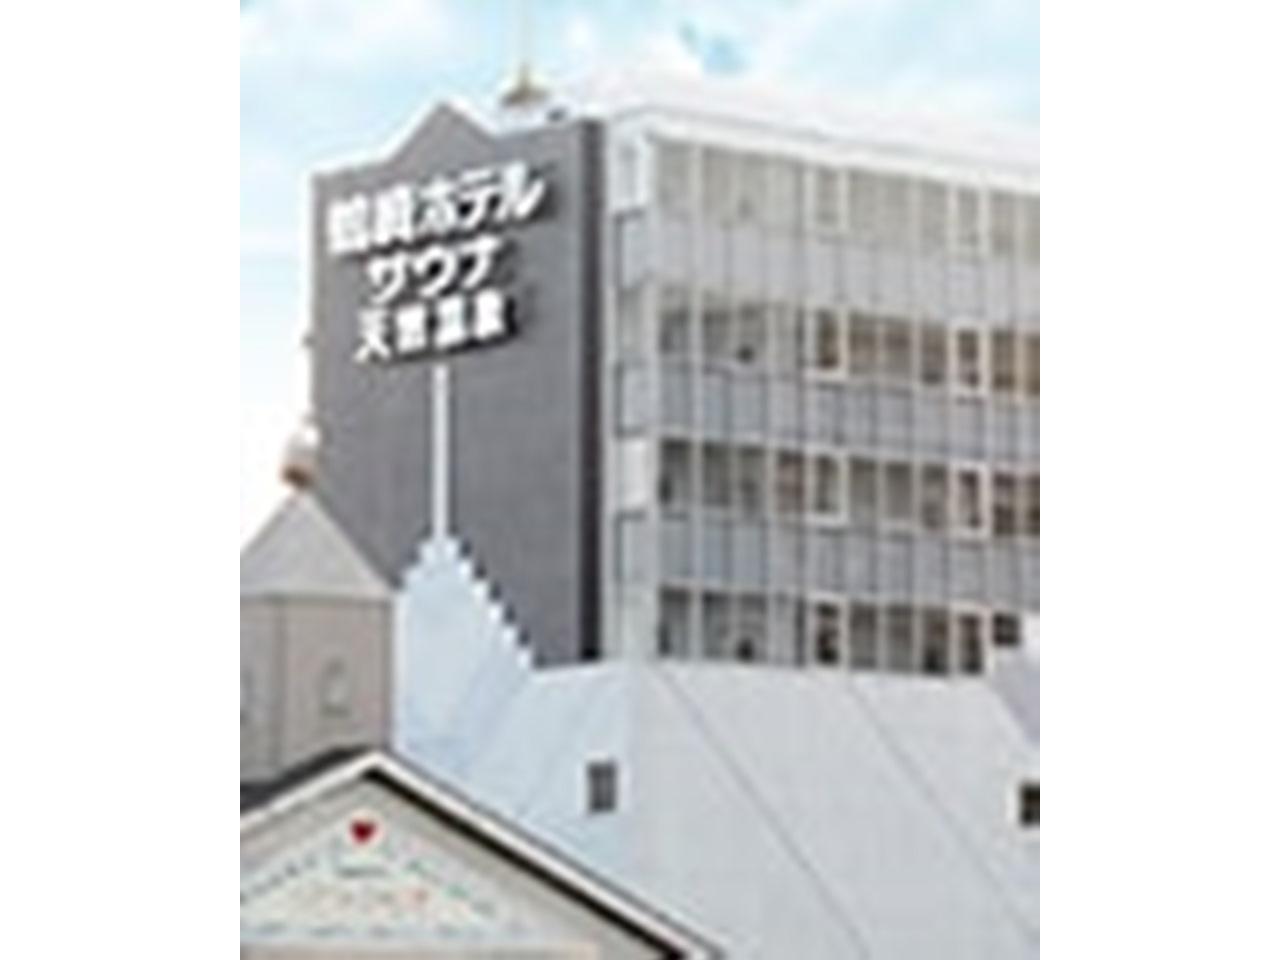 ブリーズベイホテルグループ - 天然温泉 鶴崎ホテル